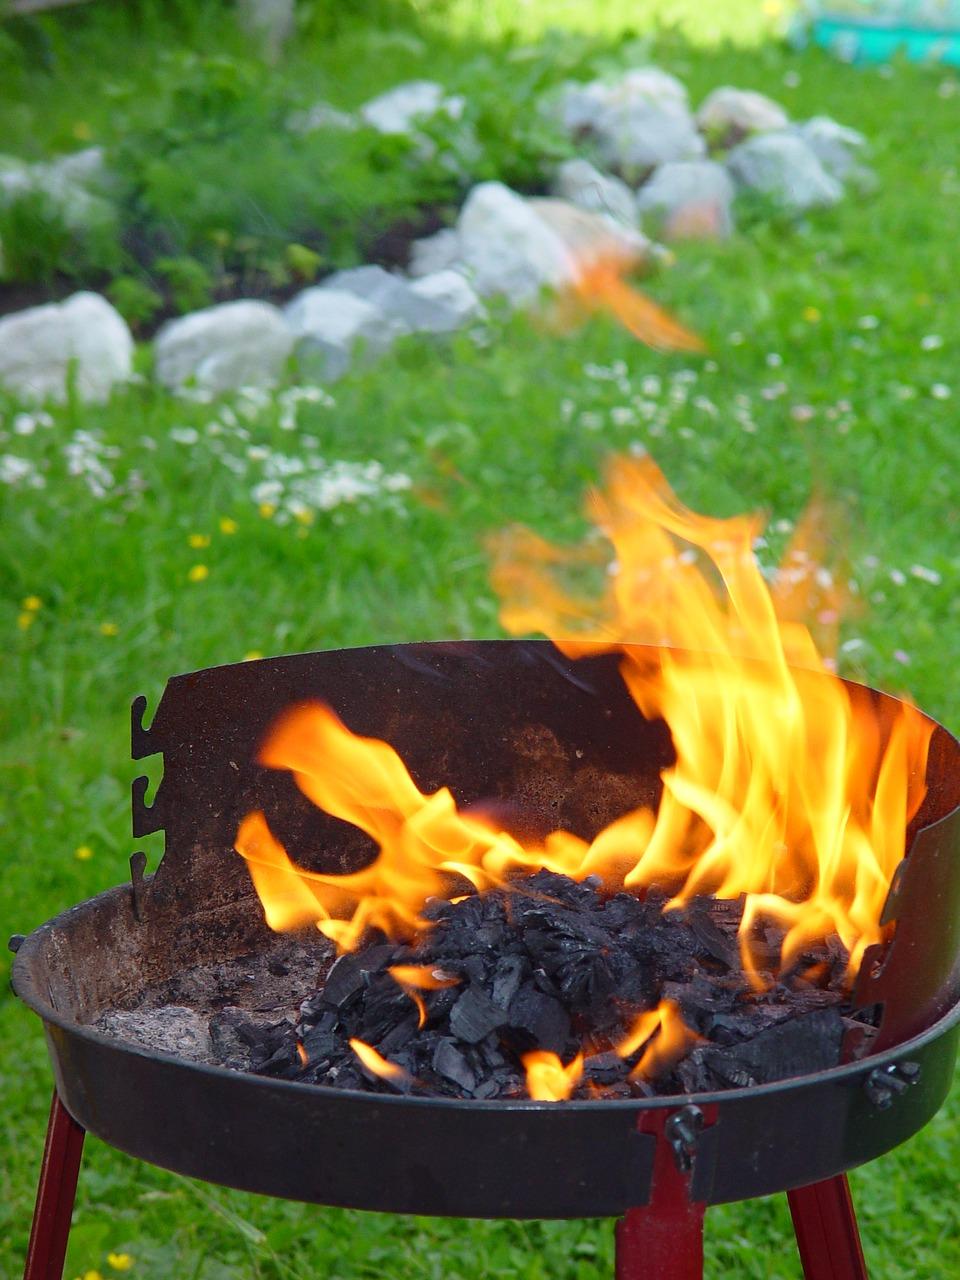 fire-2759664_1280.jpg